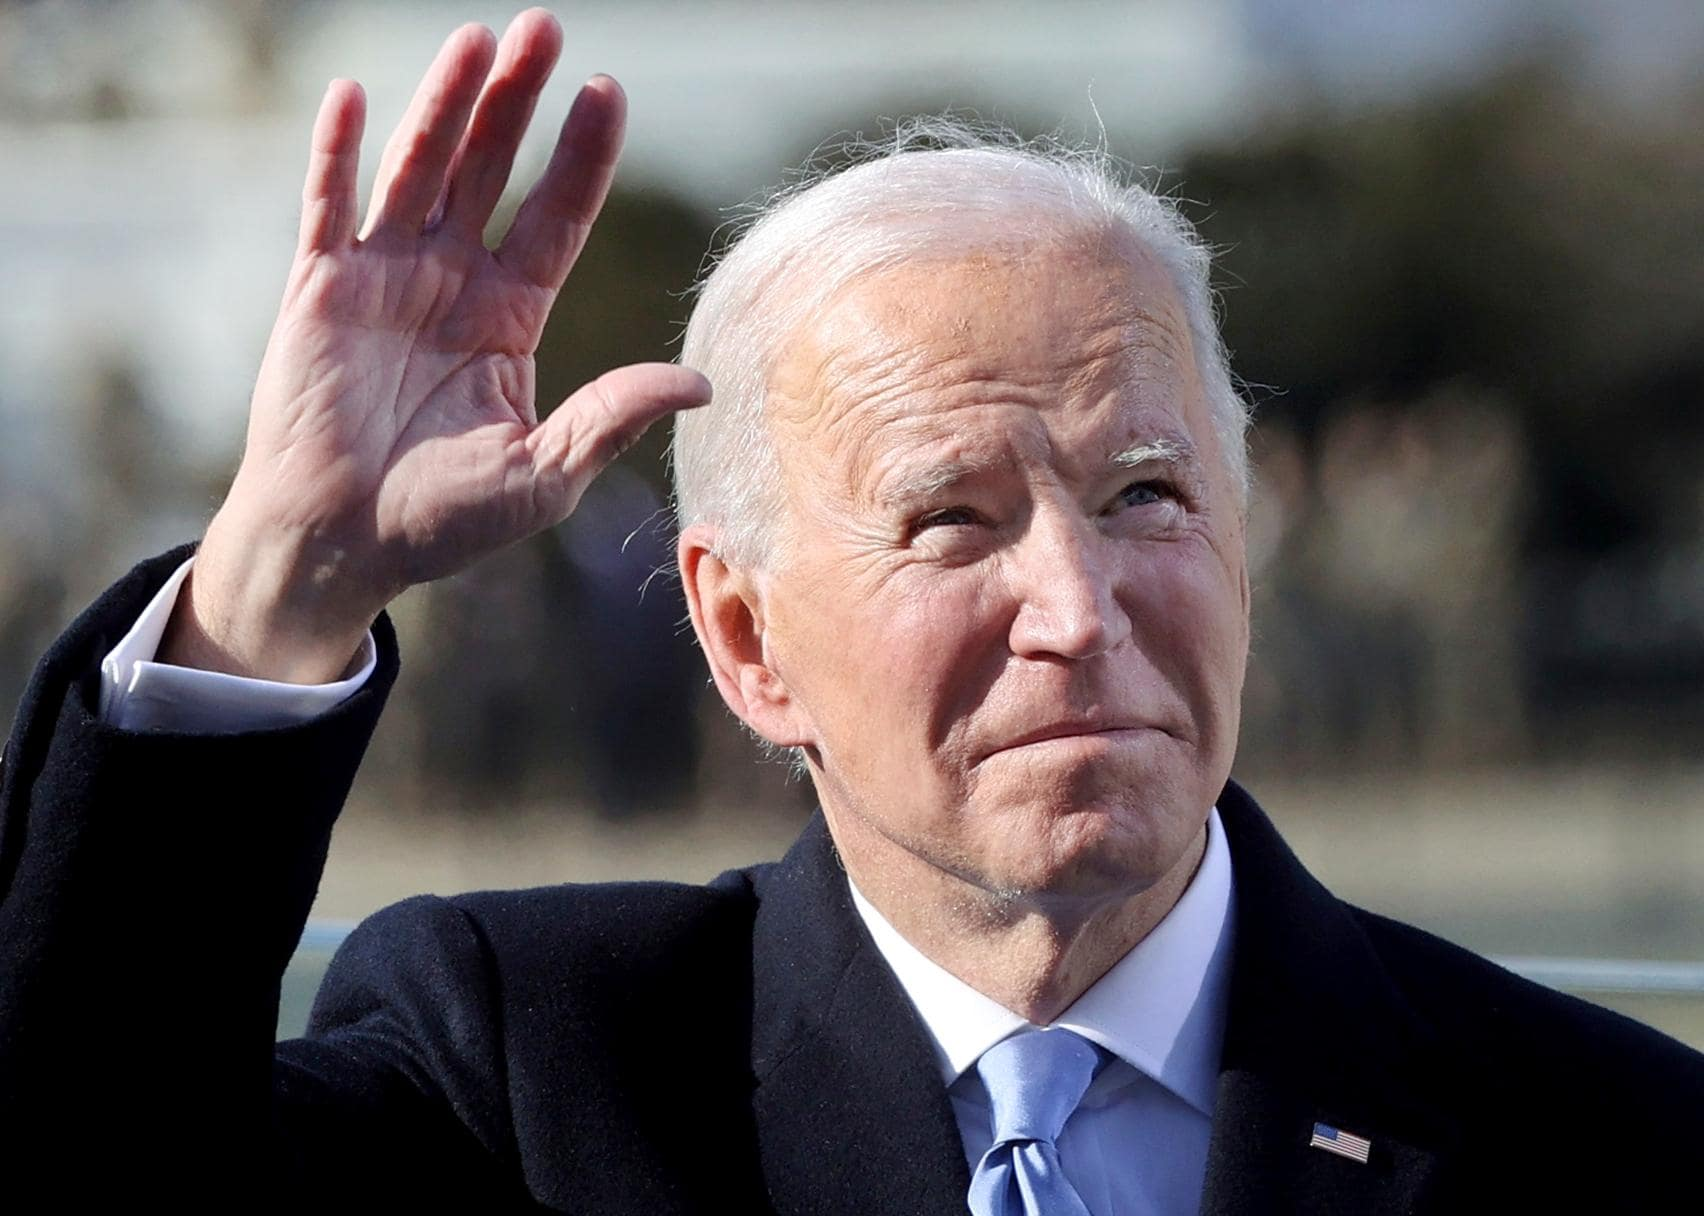 Der «Nine-to-Five»-Präsident: 100 Tage Biden im Weißen Haus US-Präsident